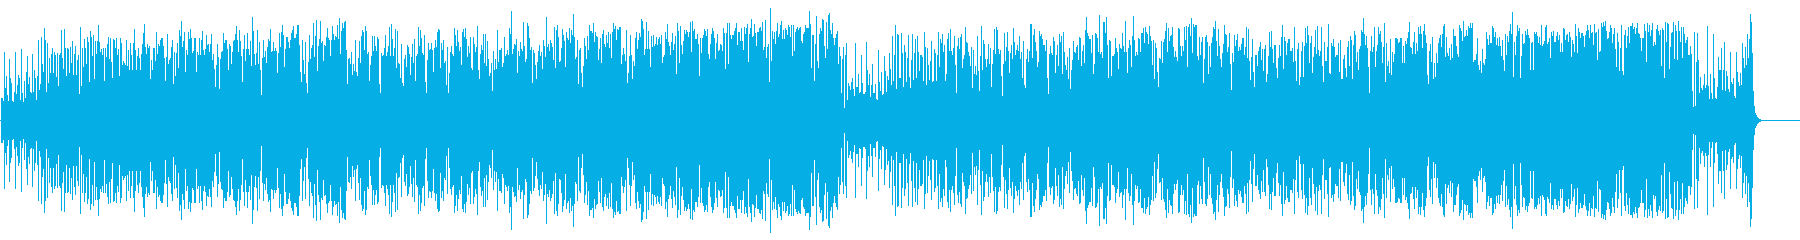 軽快なポップ R&R(フルサイズ)の再生済みの波形